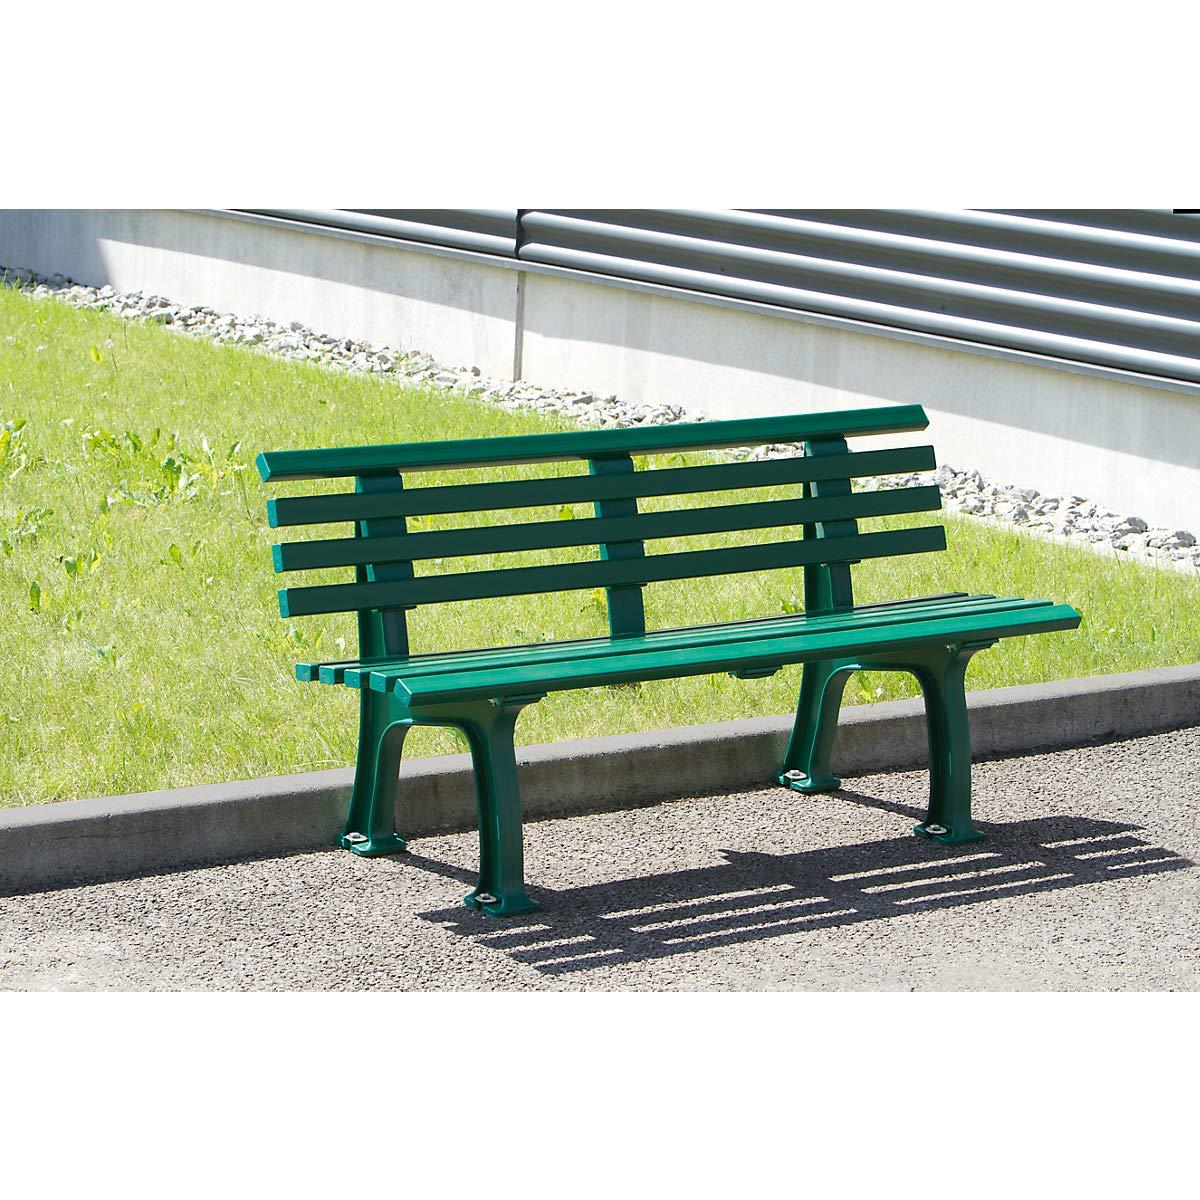 Parkbank aus Kunststoff Sitzbank Gartenbank Ruhebank Bank f/ür Au/ßenbereich UV- und witterungsbest/ändig PVC Bank mit 9 Leisten stahlblau Breite 2000 mm